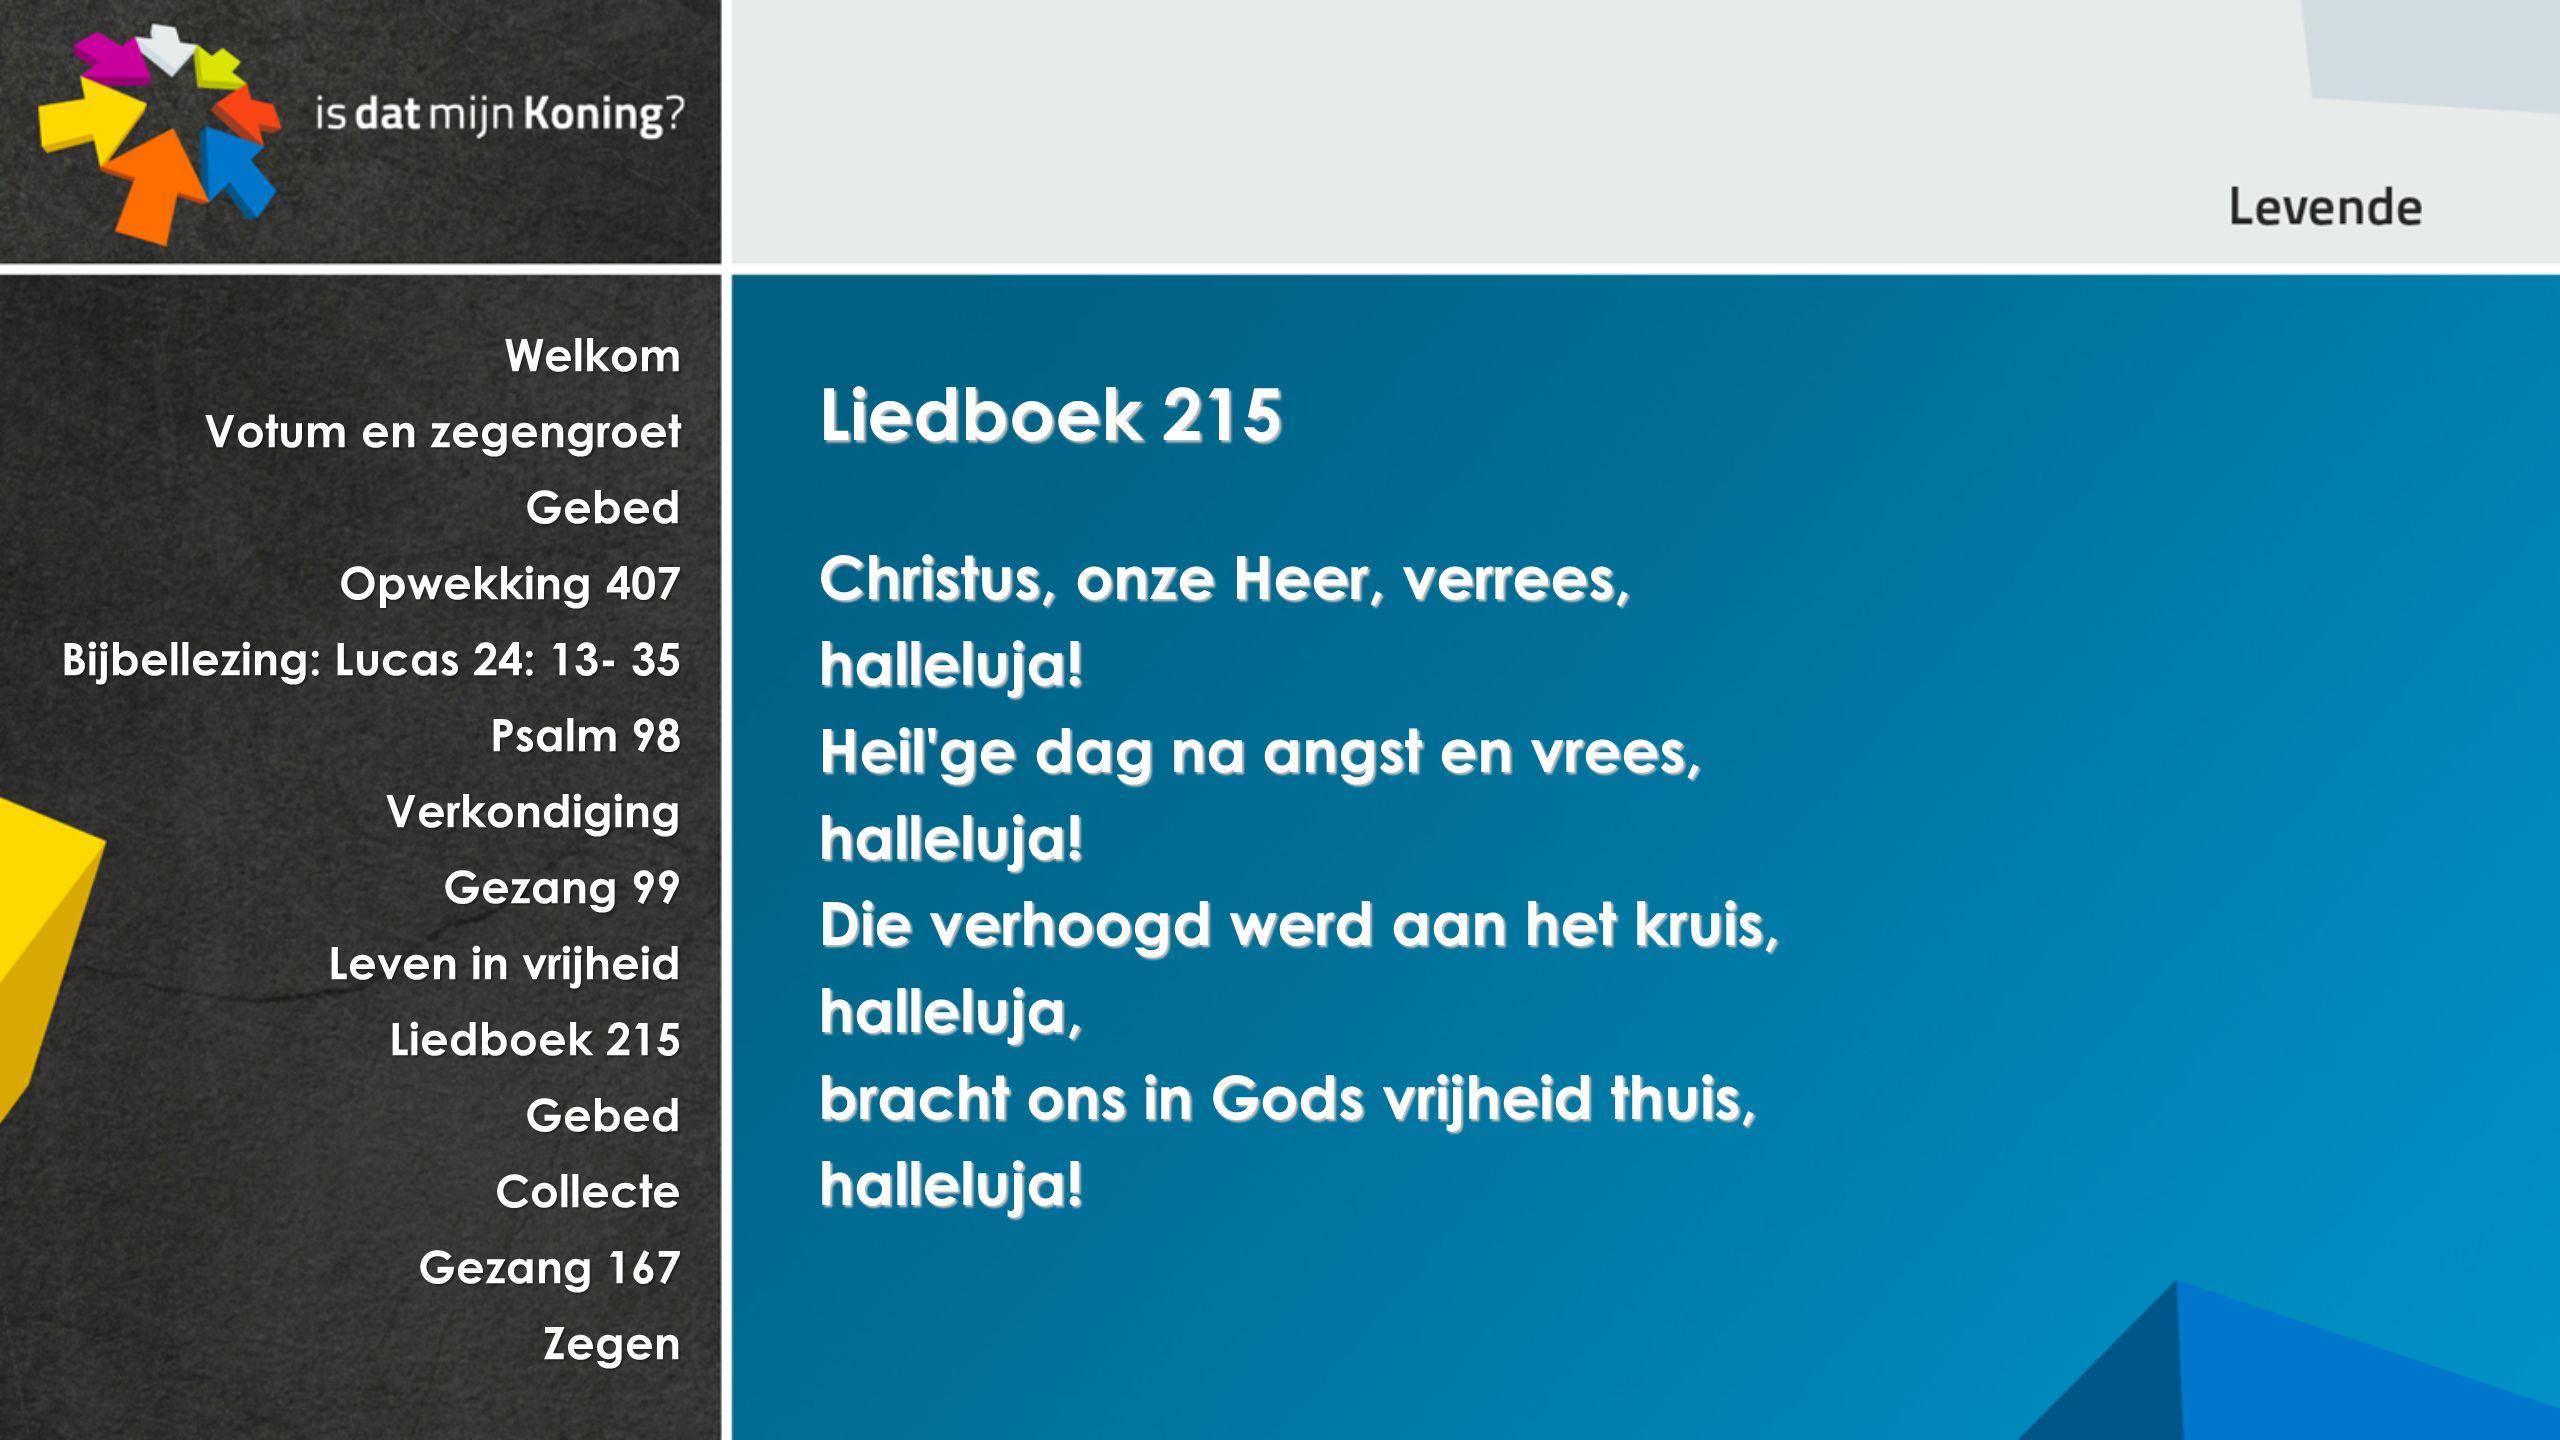 Liedboek 215 Christus, onze Heer, verrees, halleluja!